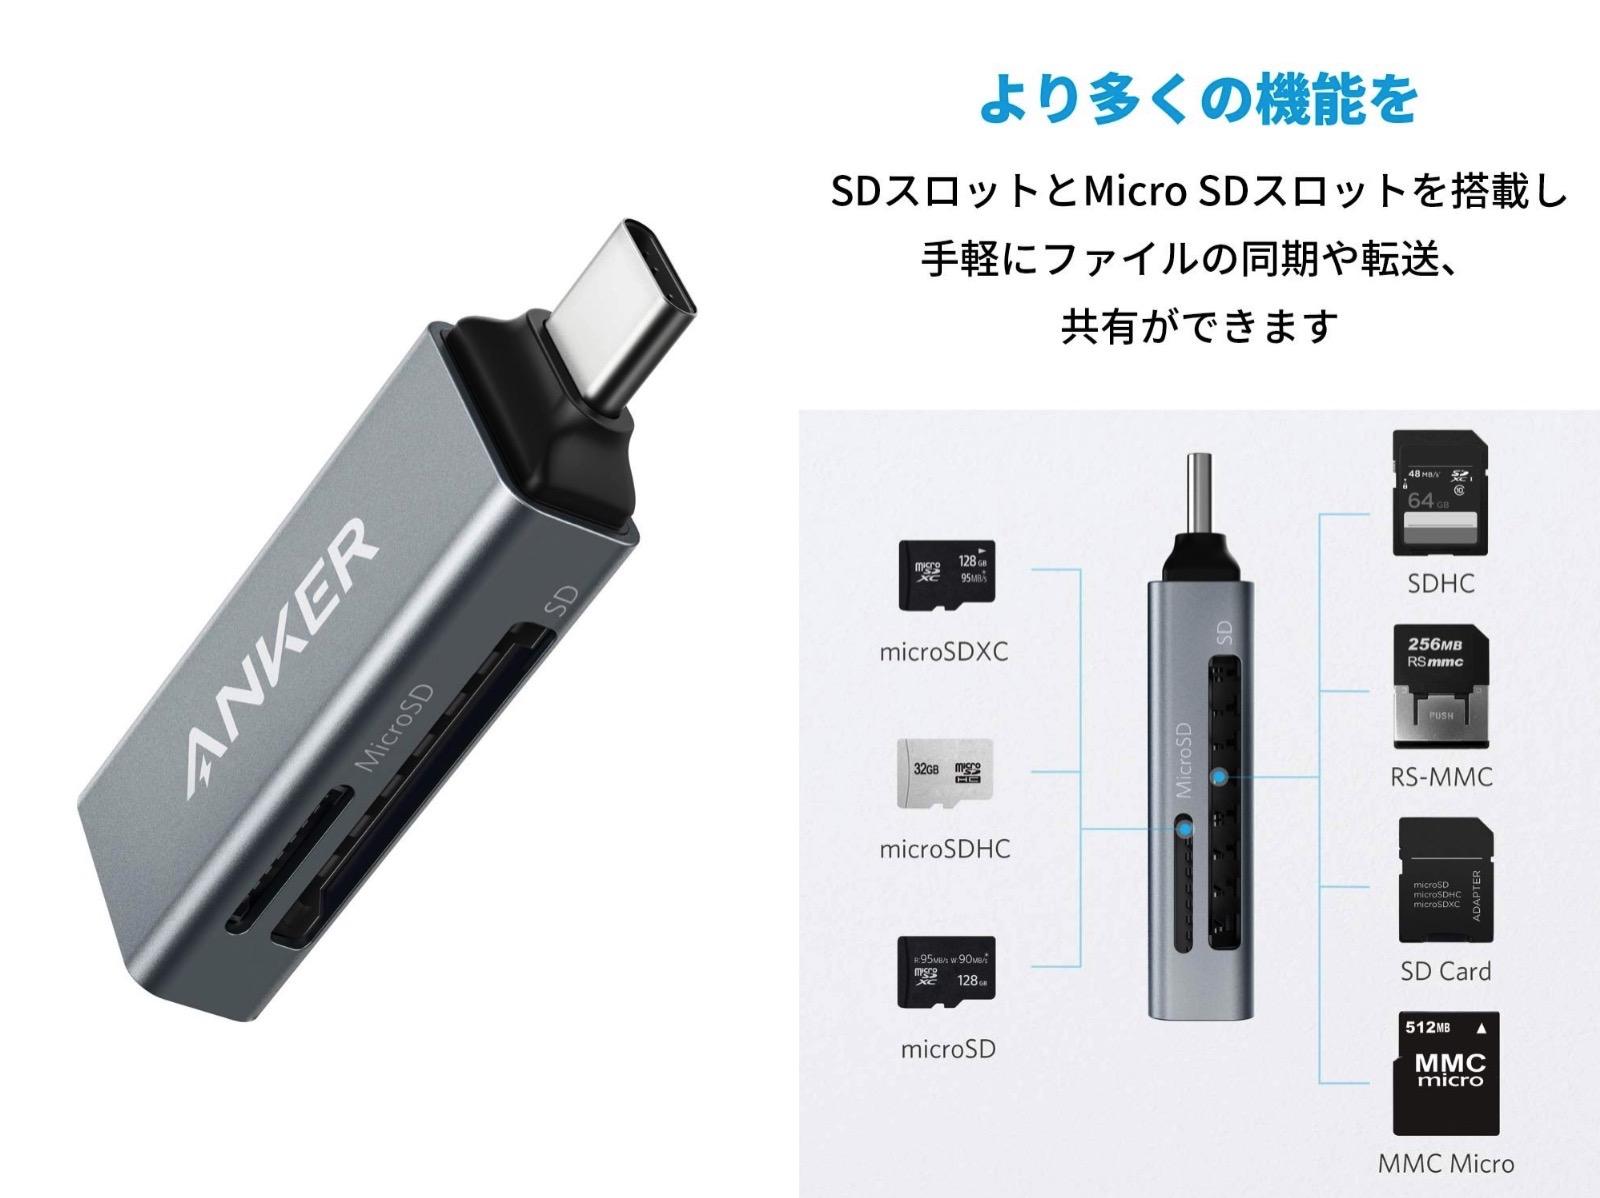 Anker USB C 2in1 hub